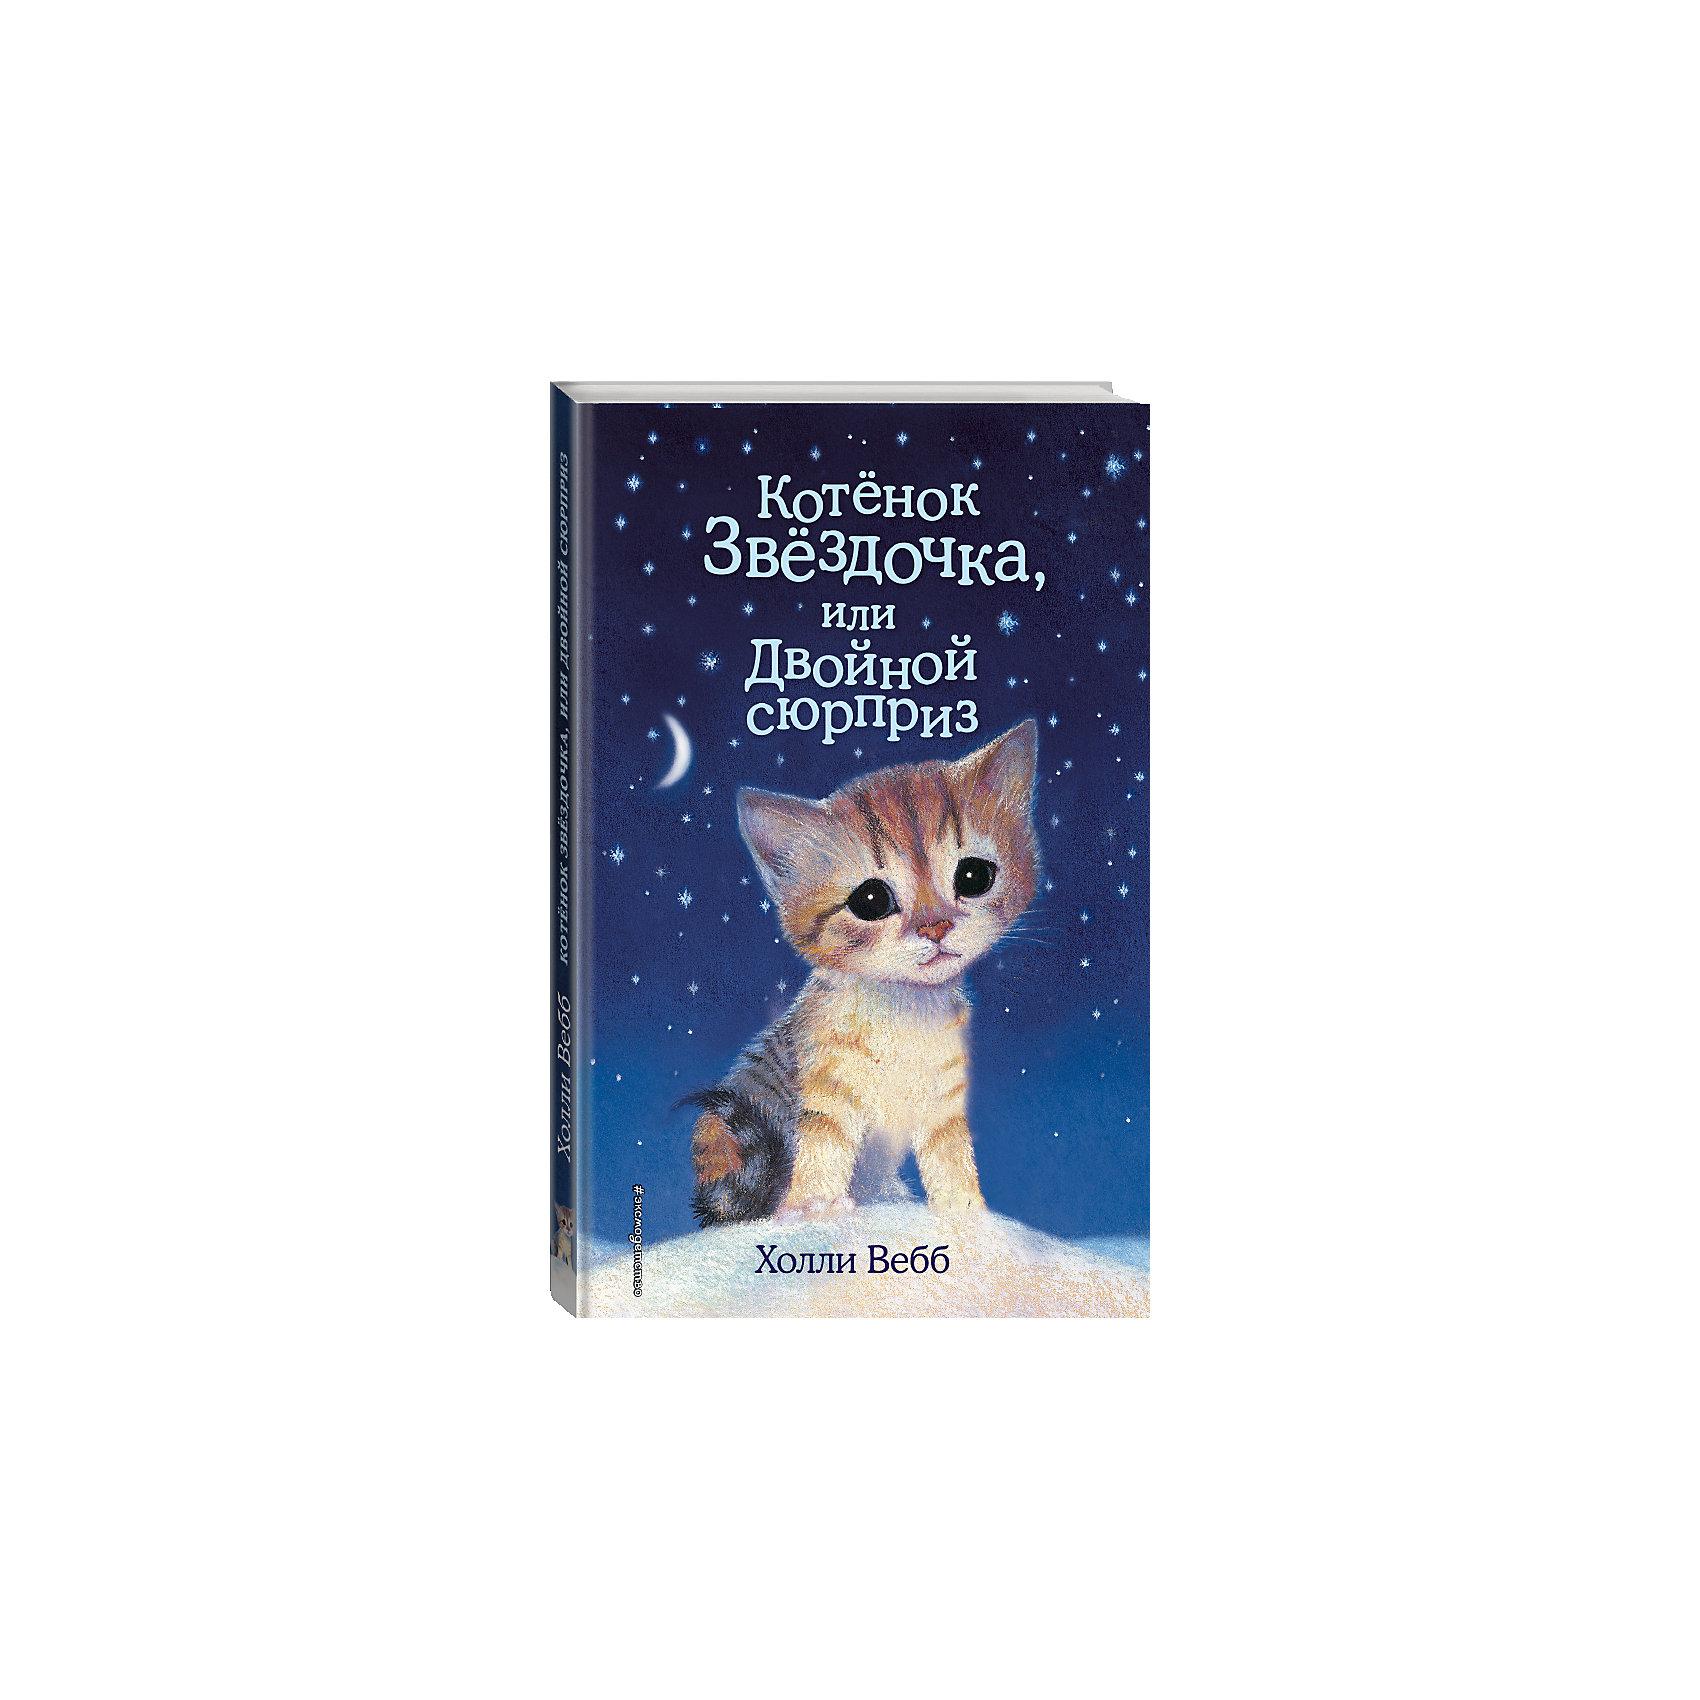 Котенок Звездочка, или Двойной сюрприз, Вебб Х.Вебб Х.<br>Жасмин была знакома со всеми соседскими котами и кошками. Раз уж родители не разрешают завести своего питомца, можно хотя бы погладить чужого. Но особенно девочка подружилась с кошечкой Звездочкой, ласковой и игривой. <br>Поэтому хозяева Звездочки предложили девочке присмотреть за любимицей во время их отпуска. Жасмин согласилась и принялась прилежно заботиться о Звездочке. Но кошечка почему-то вдруг стала вялой и сонной, а потом и вовсе исчезла. Жасмин очень расстроилась – на улице со Звездочкой может случиться какая-нибудь неприятность!<br>Однако Звездочка пропала не просто так. Она приготовила для всех большой, можно даже сказать, двойной сюрприз!<br><br>Ширина мм: 210<br>Глубина мм: 140<br>Высота мм: 10<br>Вес г: 222<br>Возраст от месяцев: 72<br>Возраст до месяцев: 144<br>Пол: Унисекс<br>Возраст: Детский<br>SKU: 6878106